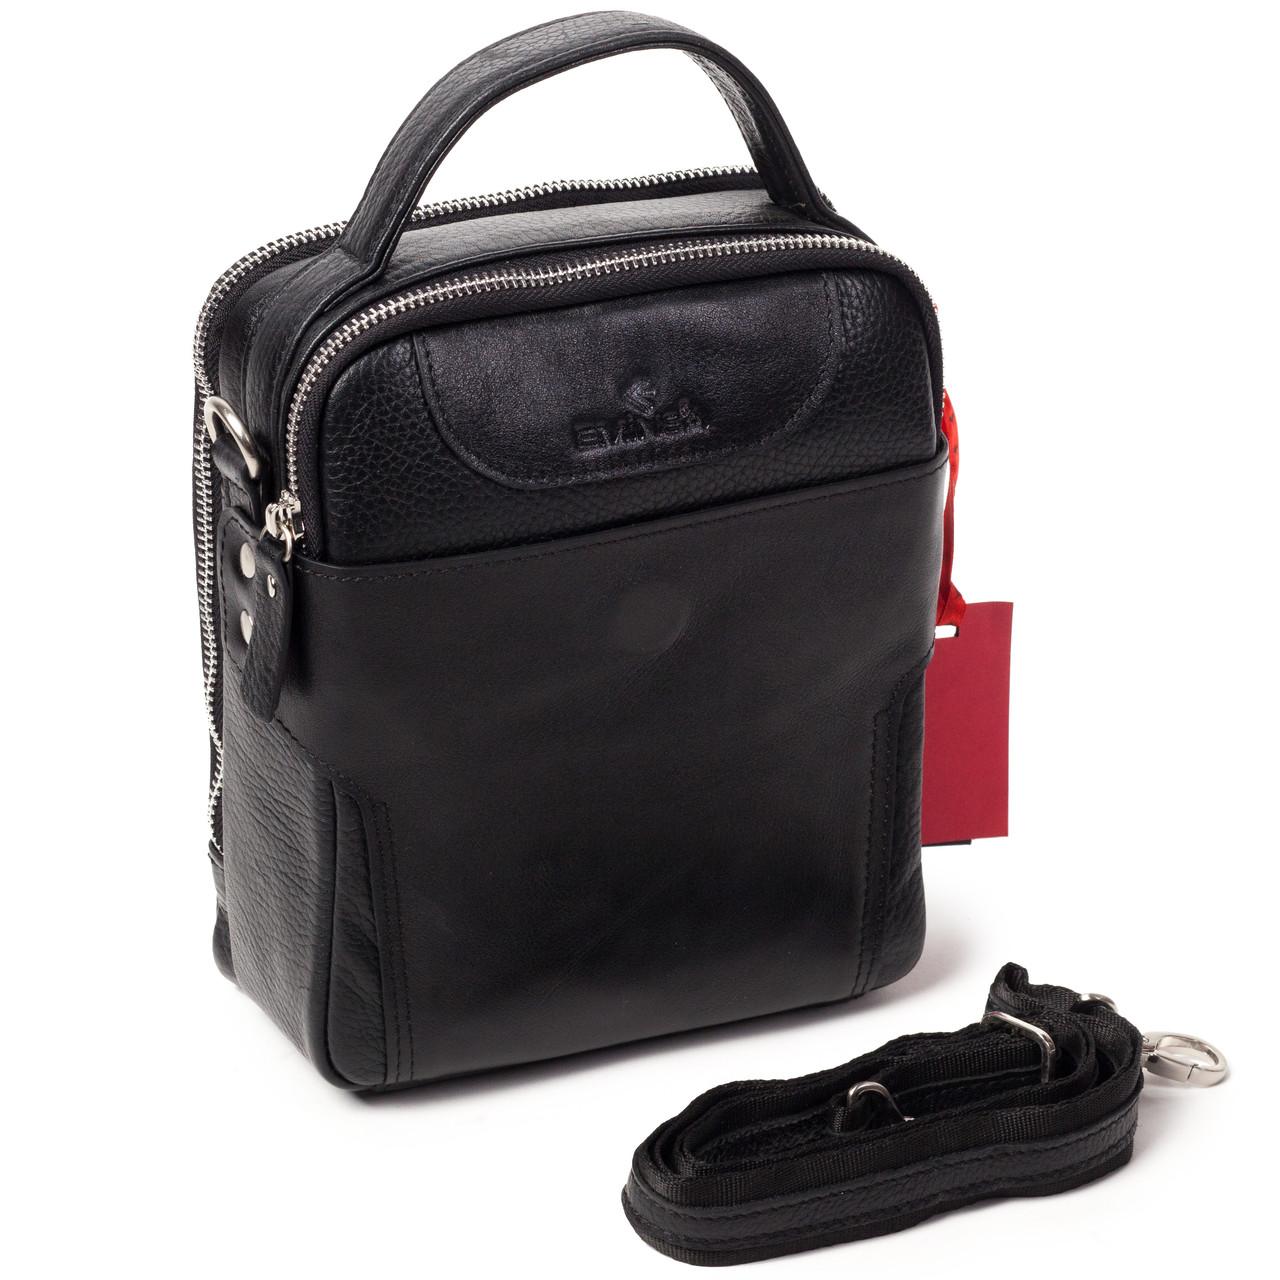 Мужская сумка барсетка Eminsa 6002-37-1 кожаная черная